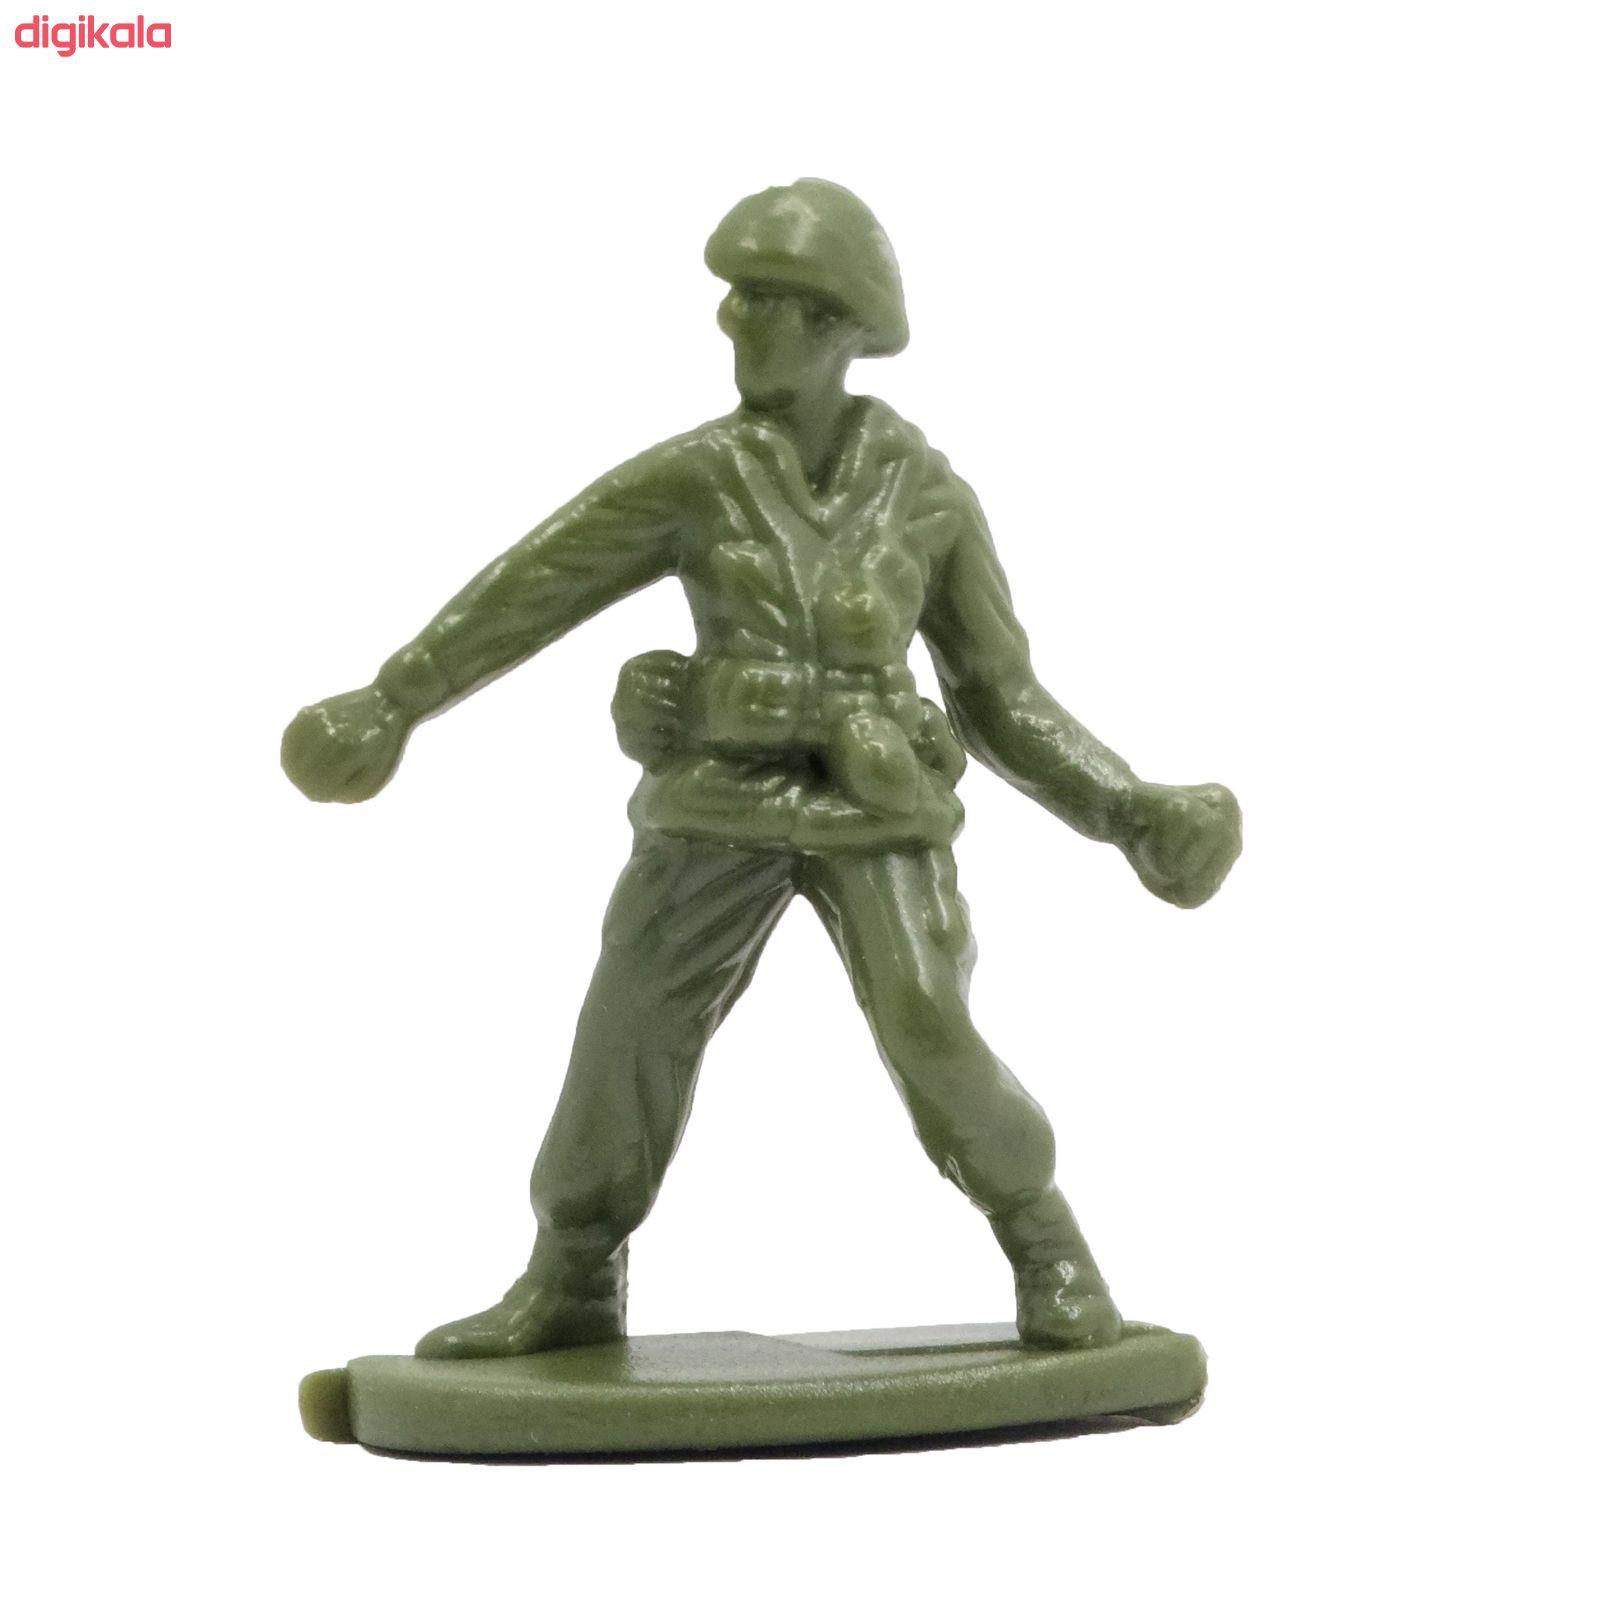 اسباب بازی جنگی مدل پادگان مجموعه 23 عددی main 1 18